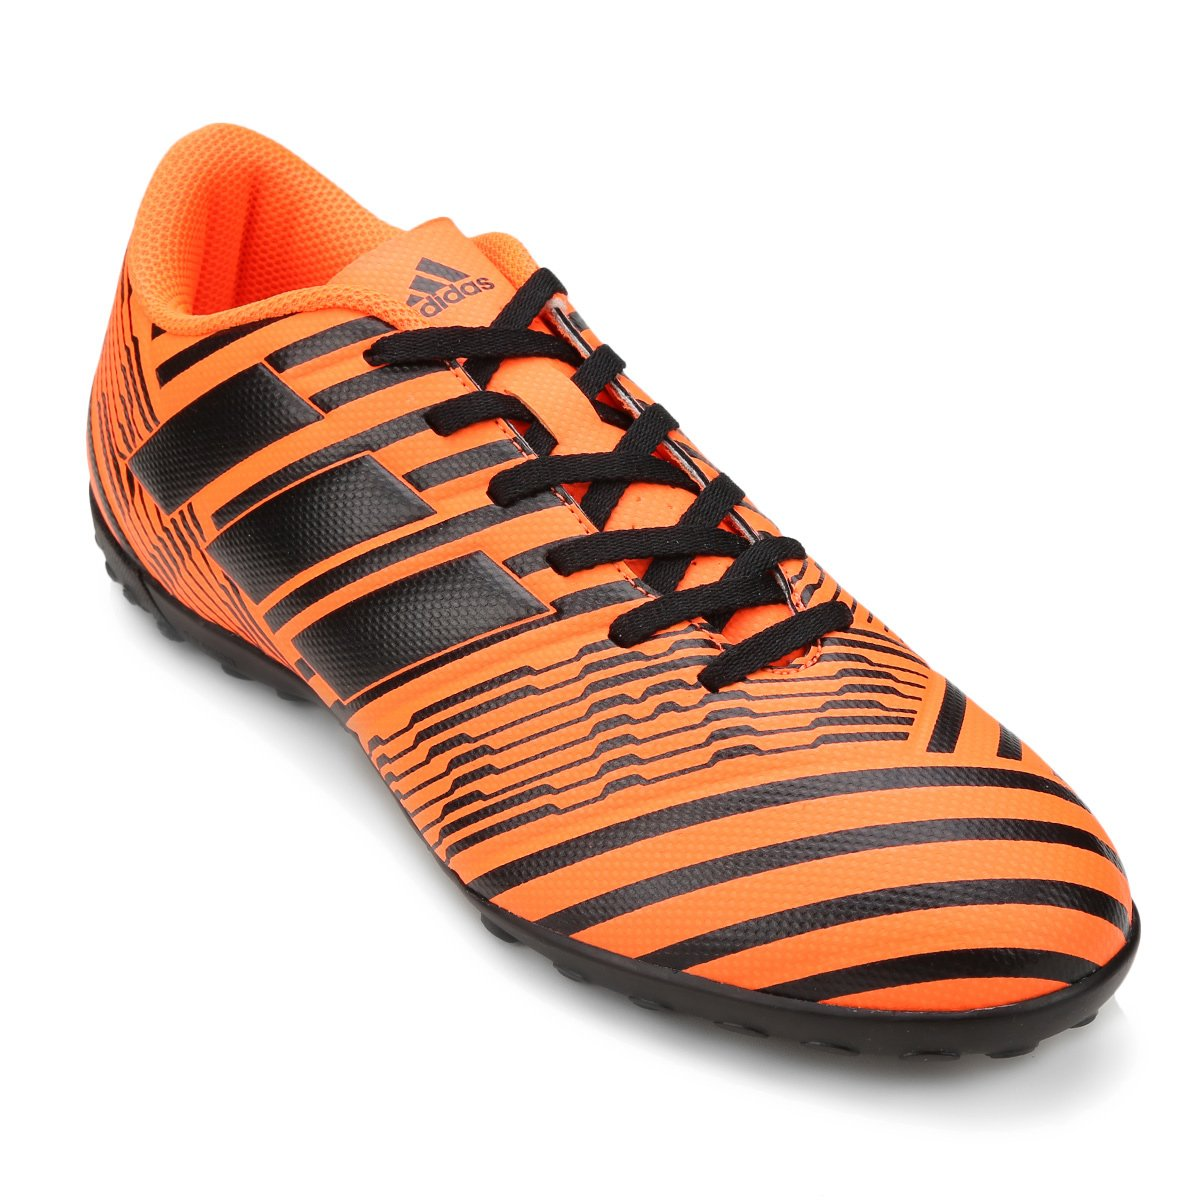 Chuteira Society Adidas Nemeziz 17.4 TF - Compre Agora  d5ec9fcc513e6